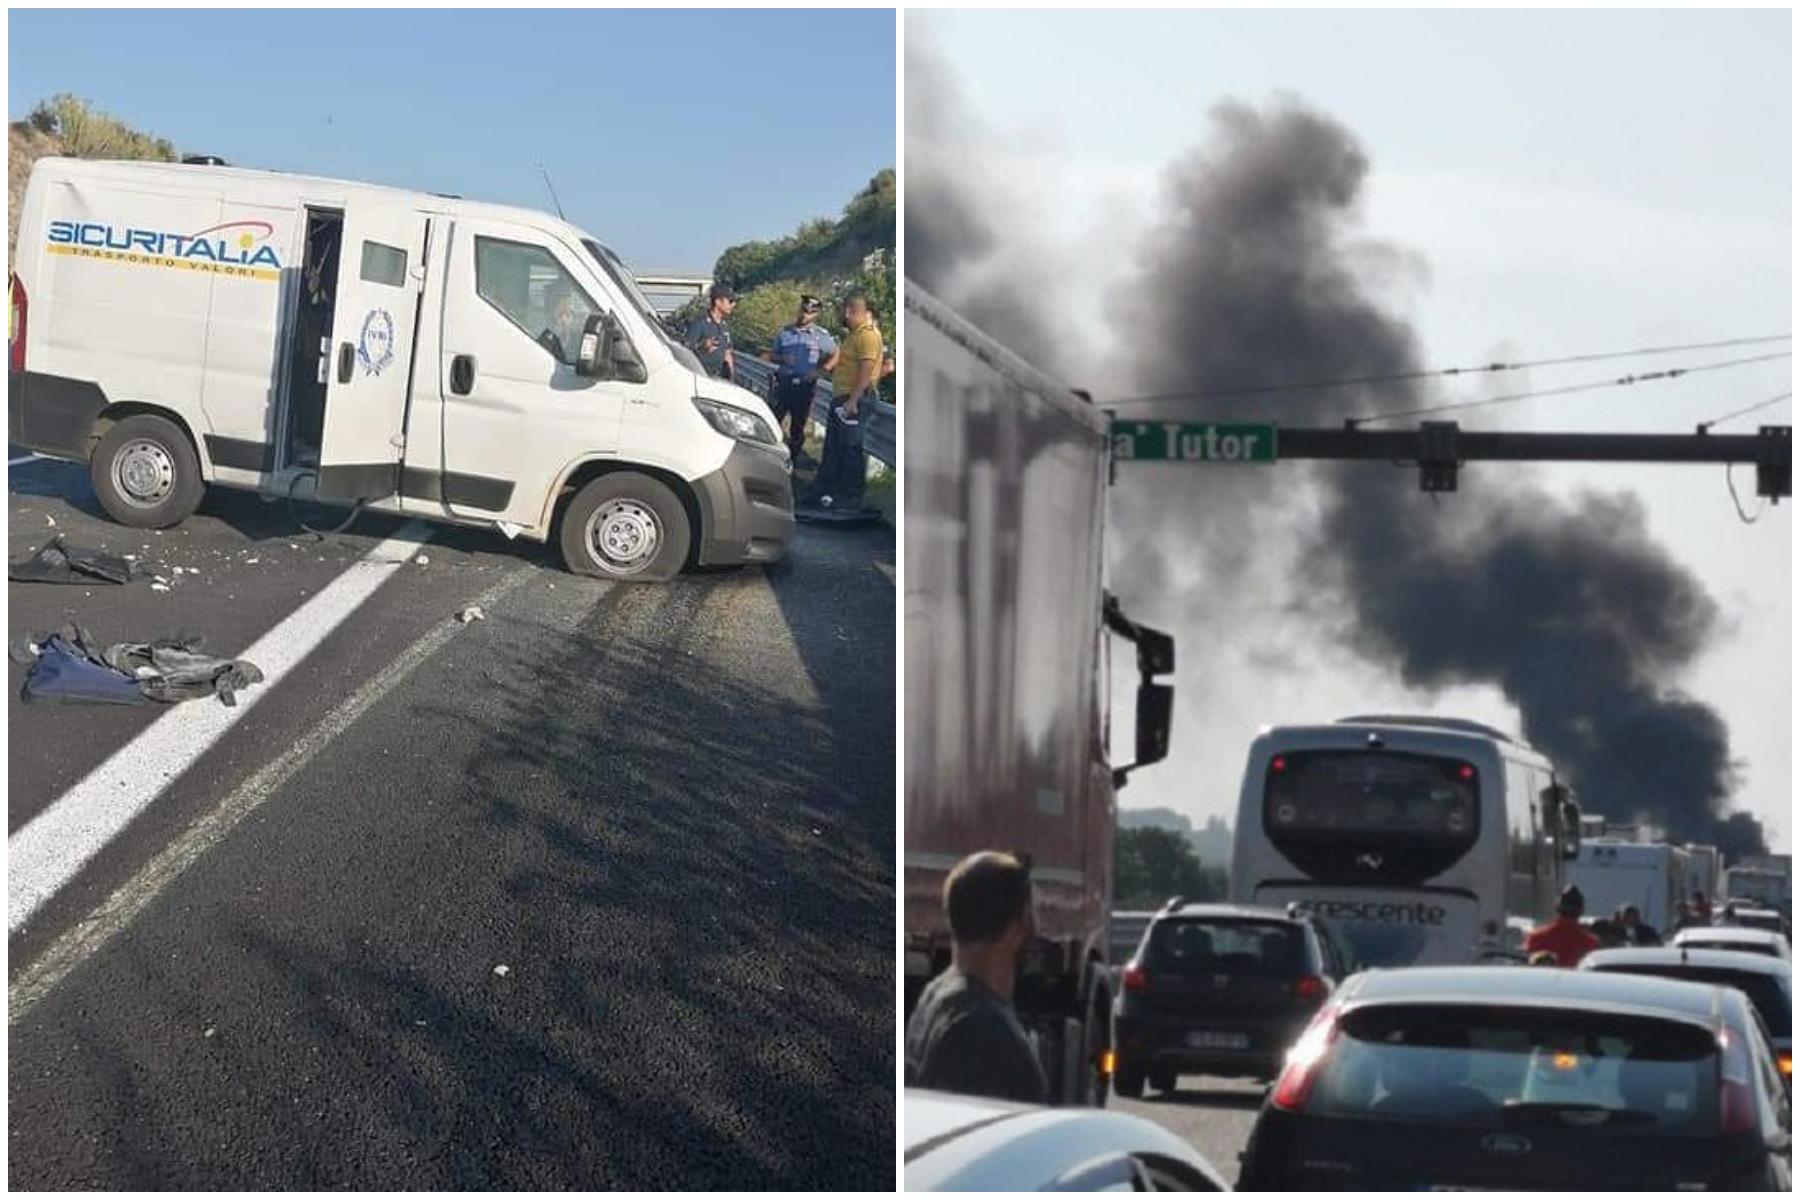 Assalto a portavalori, inferno in autostrada: spari, auto in ...